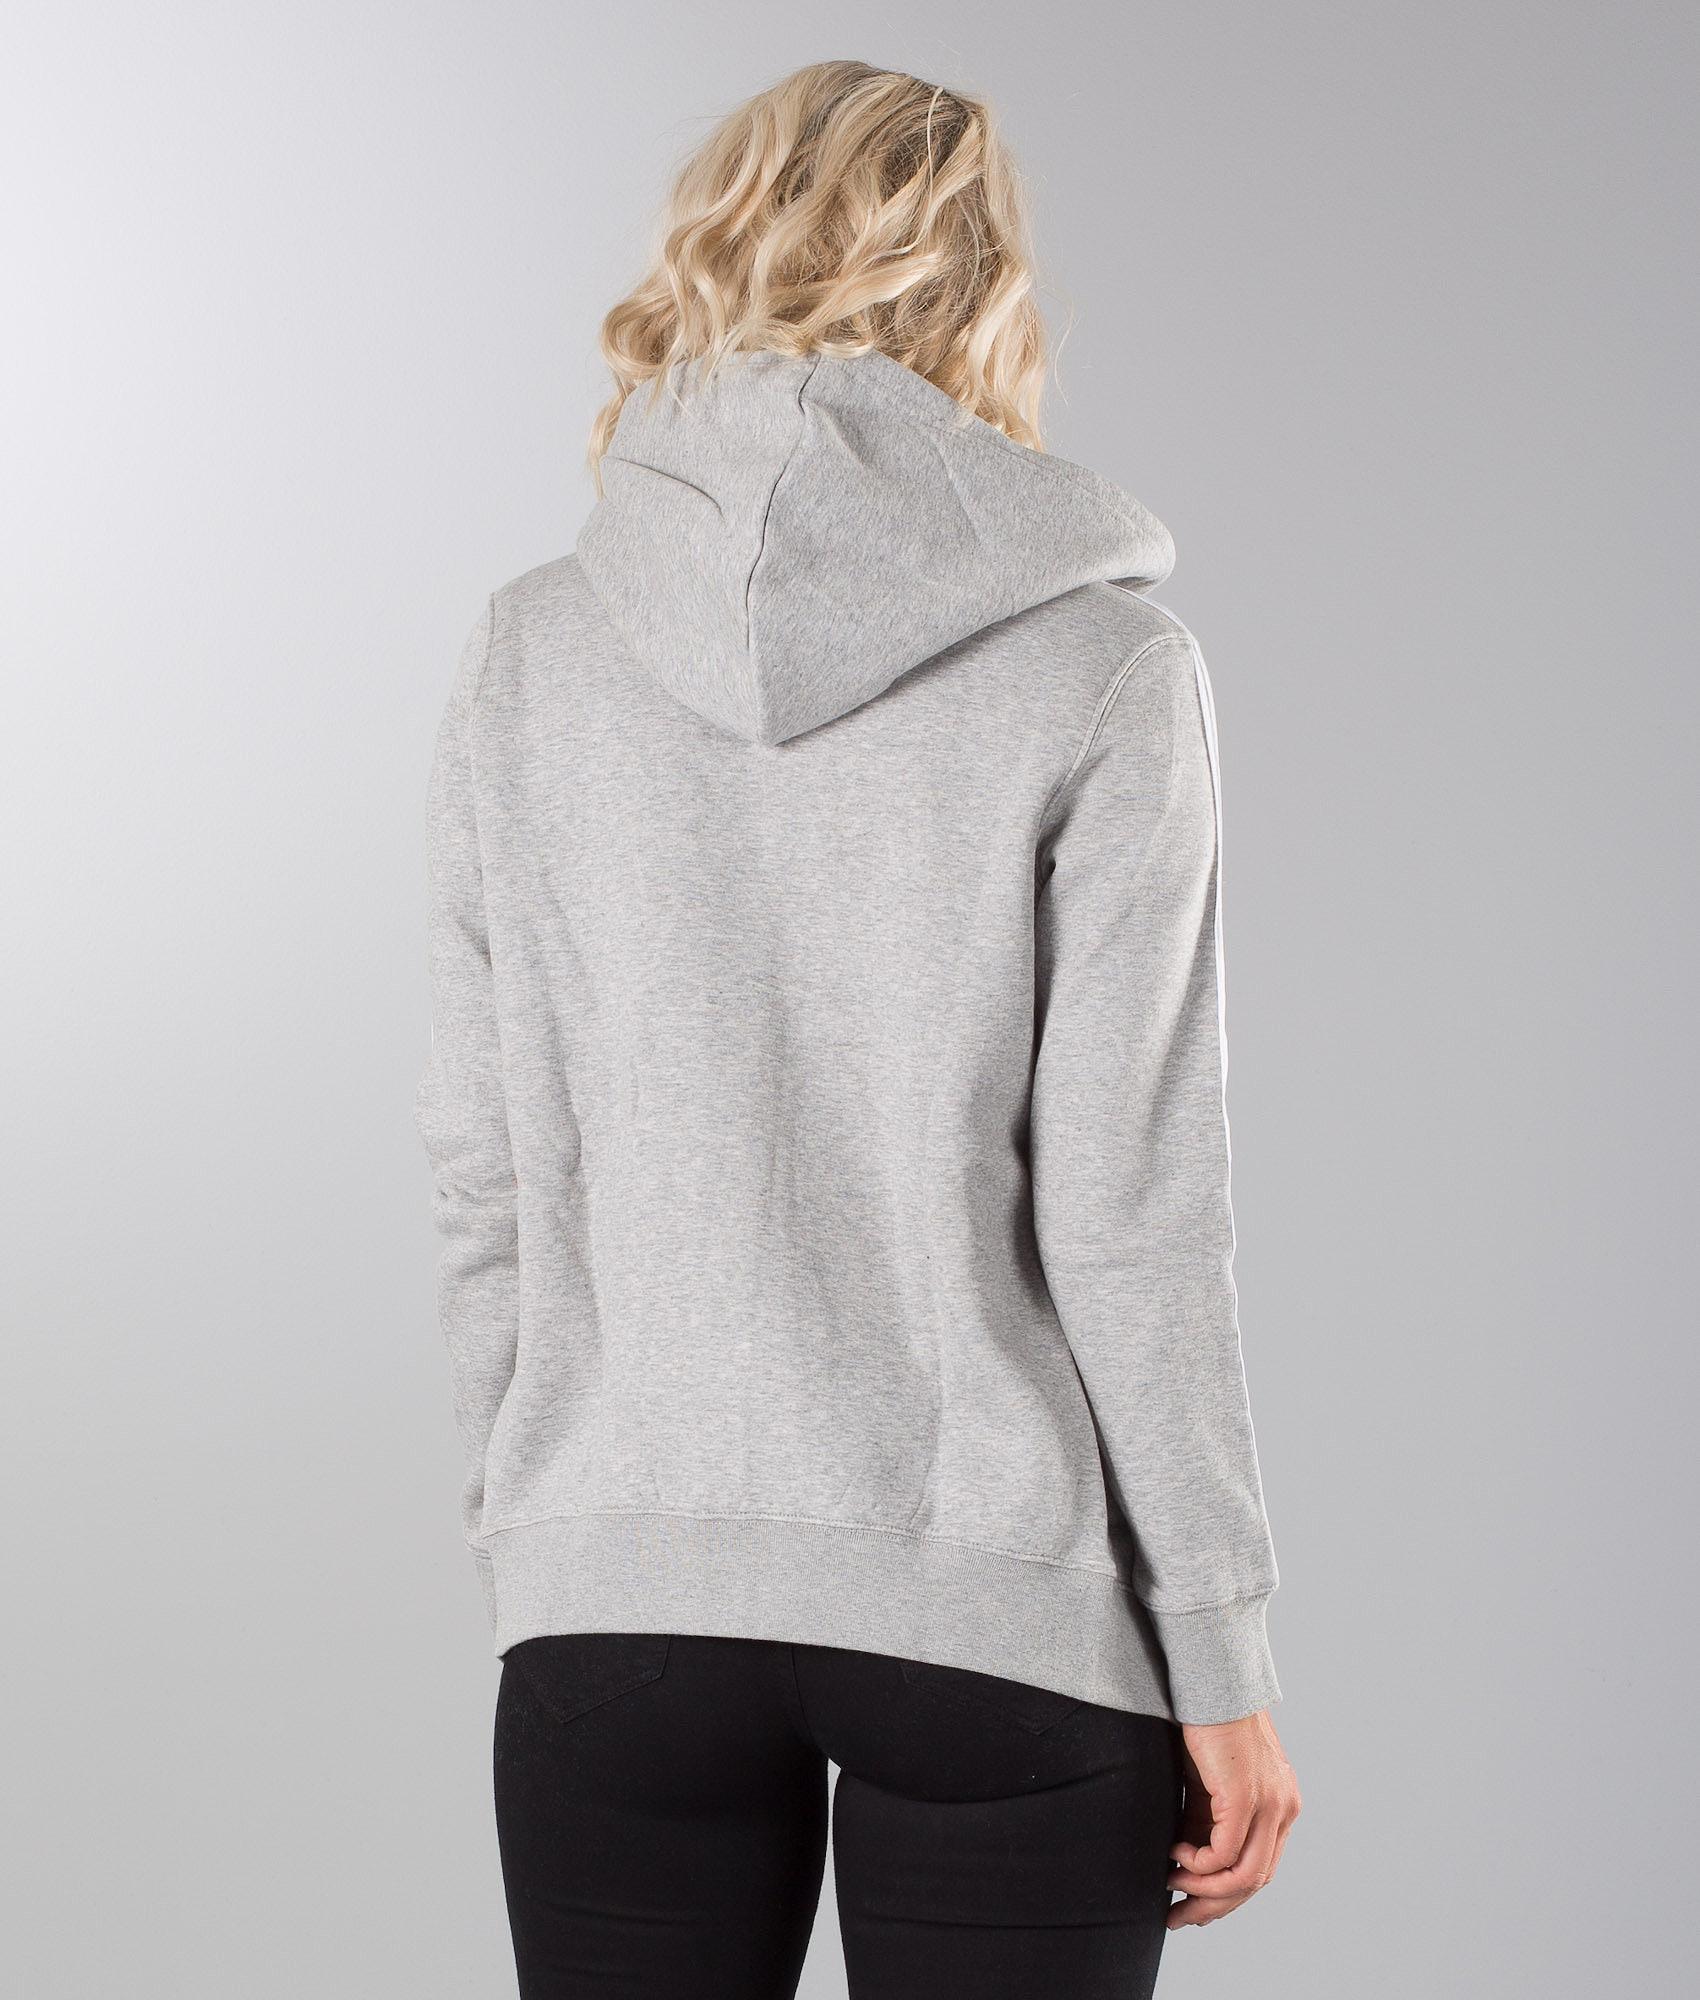 Adidas Originals 3Stripe Huppari Medium Grey Heather - Ridestore.fi 225e335af7